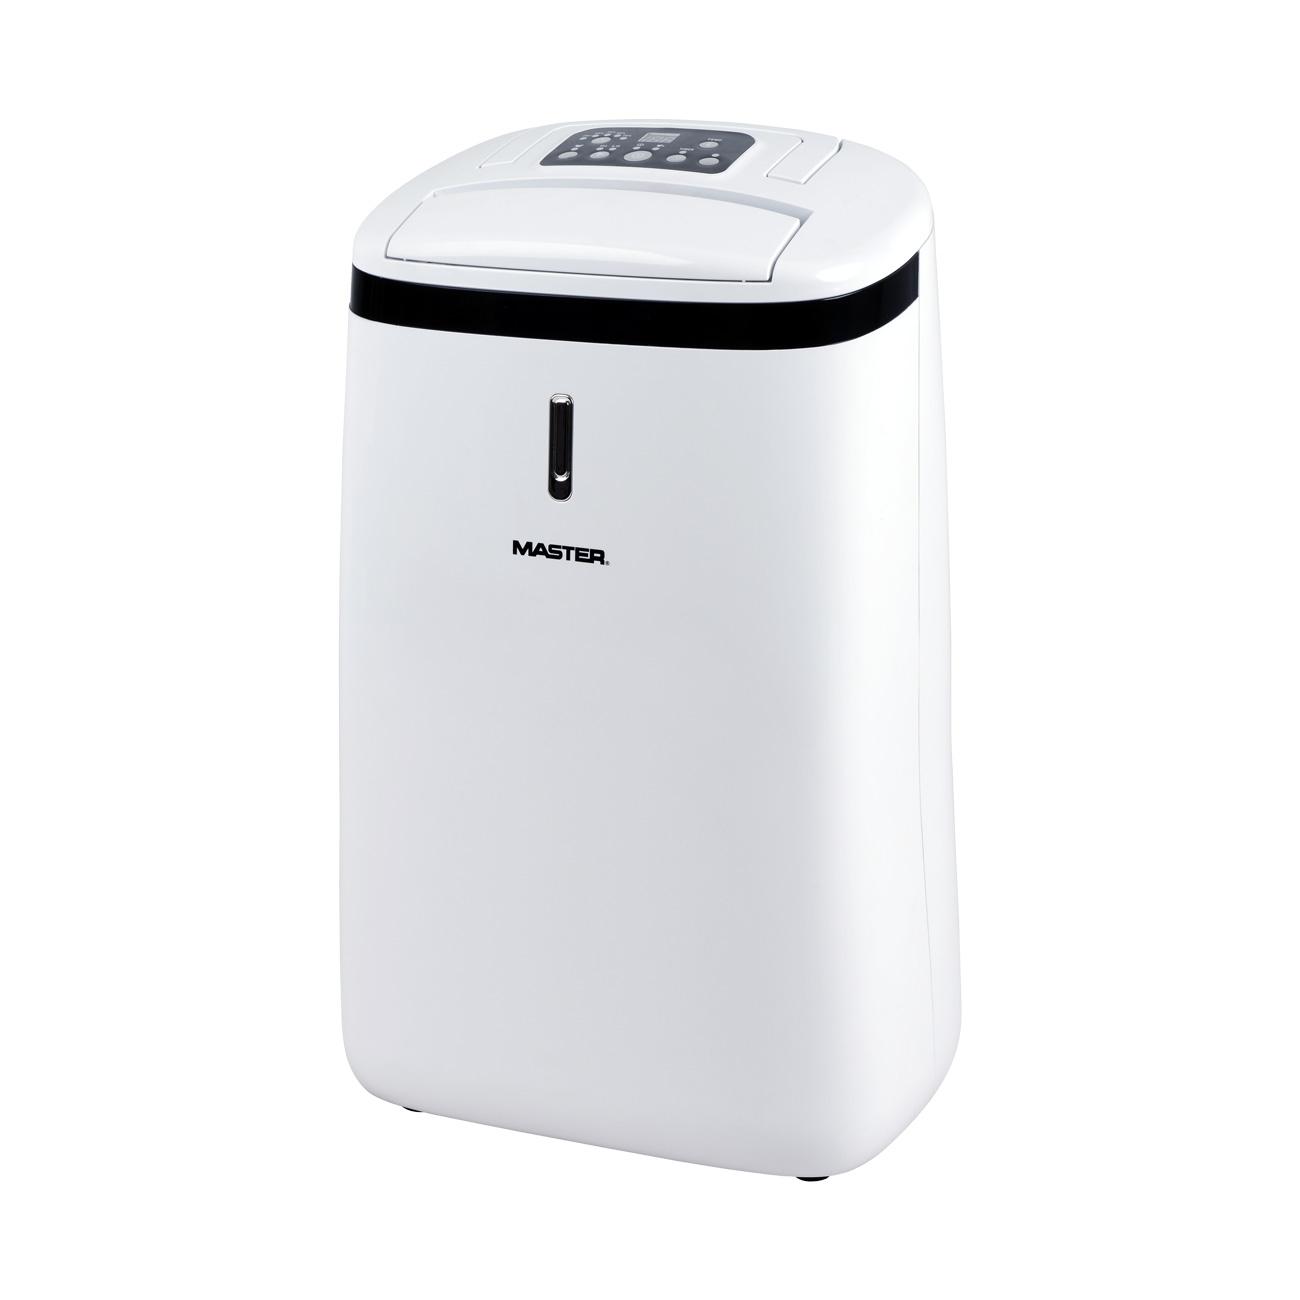 Déshumidificateur à condensation portable Master DH 720